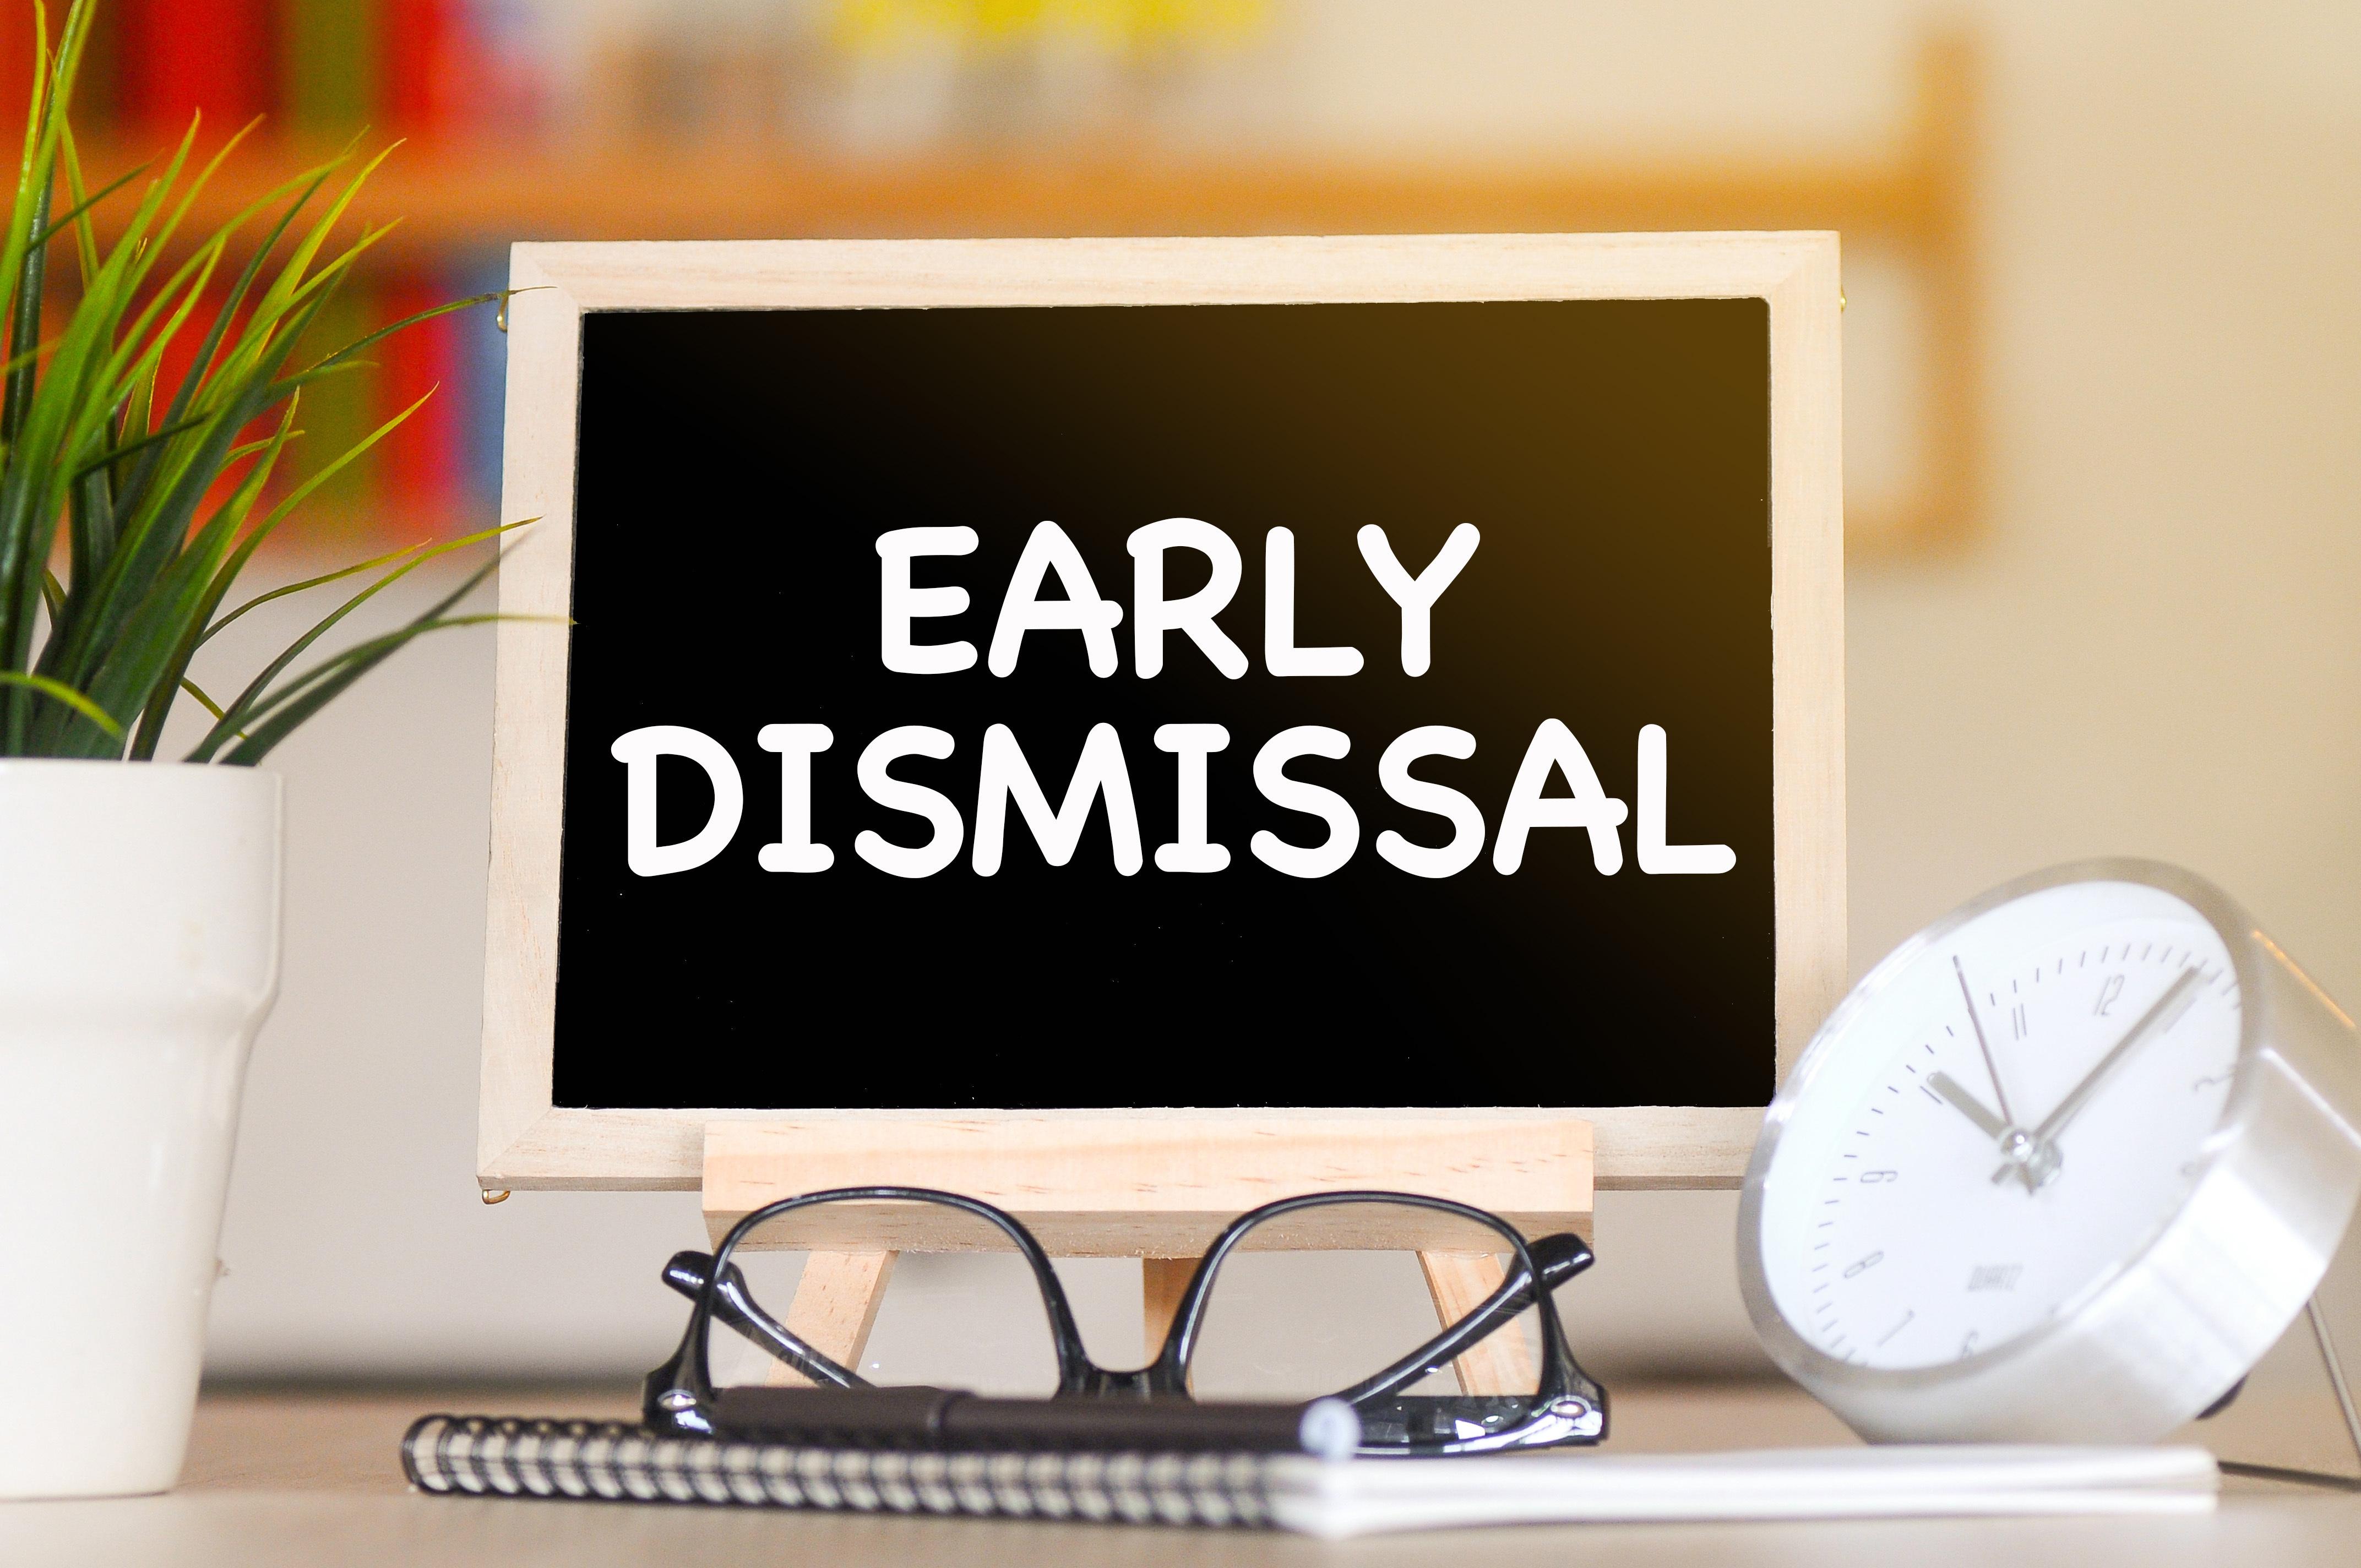 Early Dismissal on chalkboard (2020)